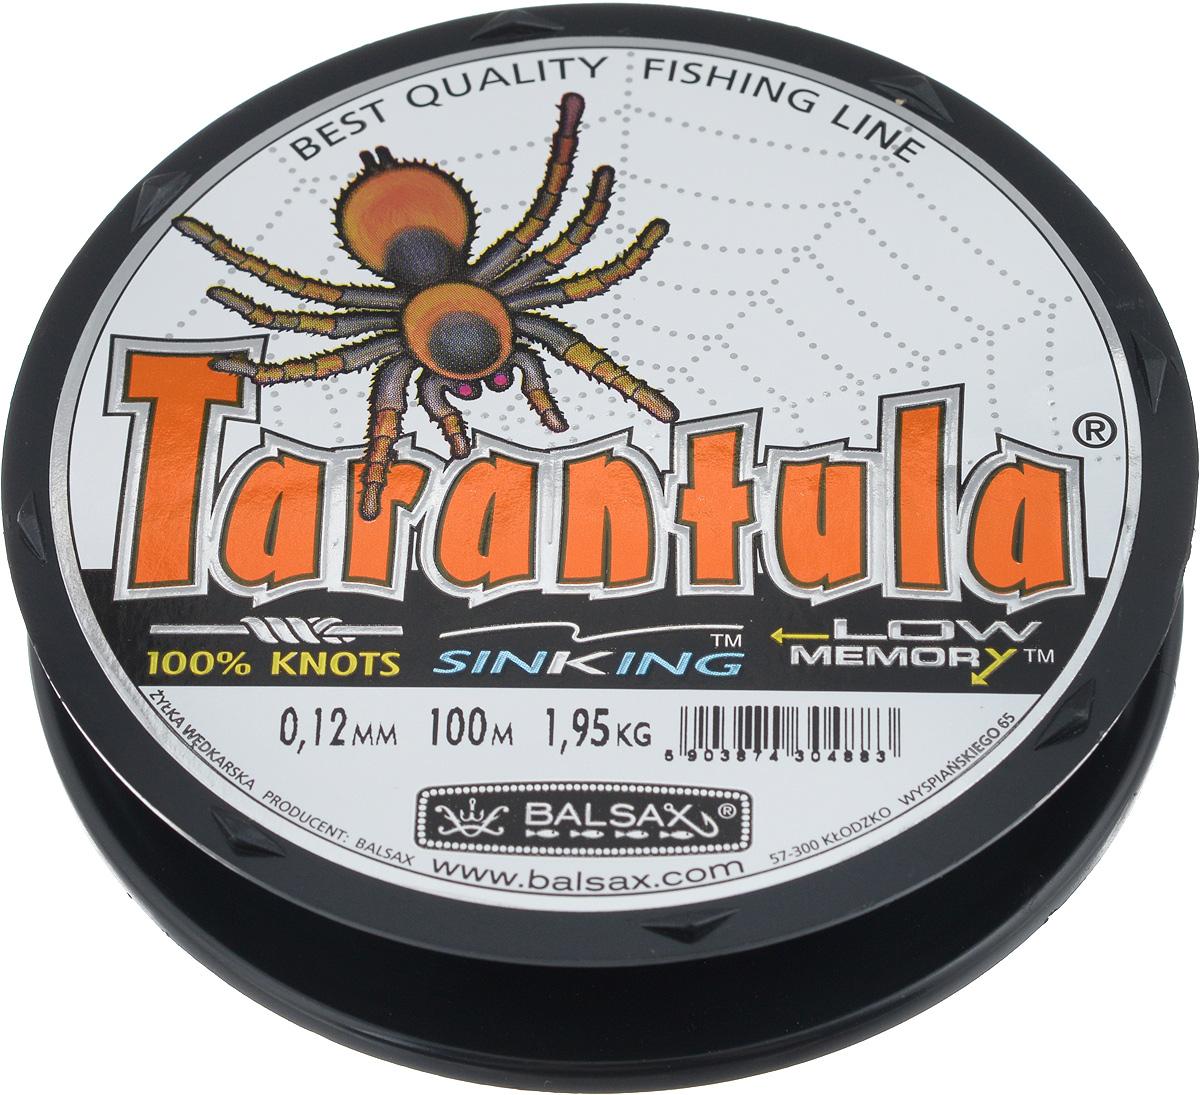 Леска Balsax Tarantula, 100 м, 0,12 мм, 1,95 кг304-09012Леска Balsax Tarantula выполнена из нейлоновой рибозы с покрытием из тефлона. Новая молекулярная структура лески отличается повышенной сопротивляемостью к разрыву, но при этом она способна и растягиваться. Растяжимость в случае применения этой лески является отличным достоинством, особенно во время энергичной борьбы с рыбой, как амортизатор защищая оснастку от обрыва.